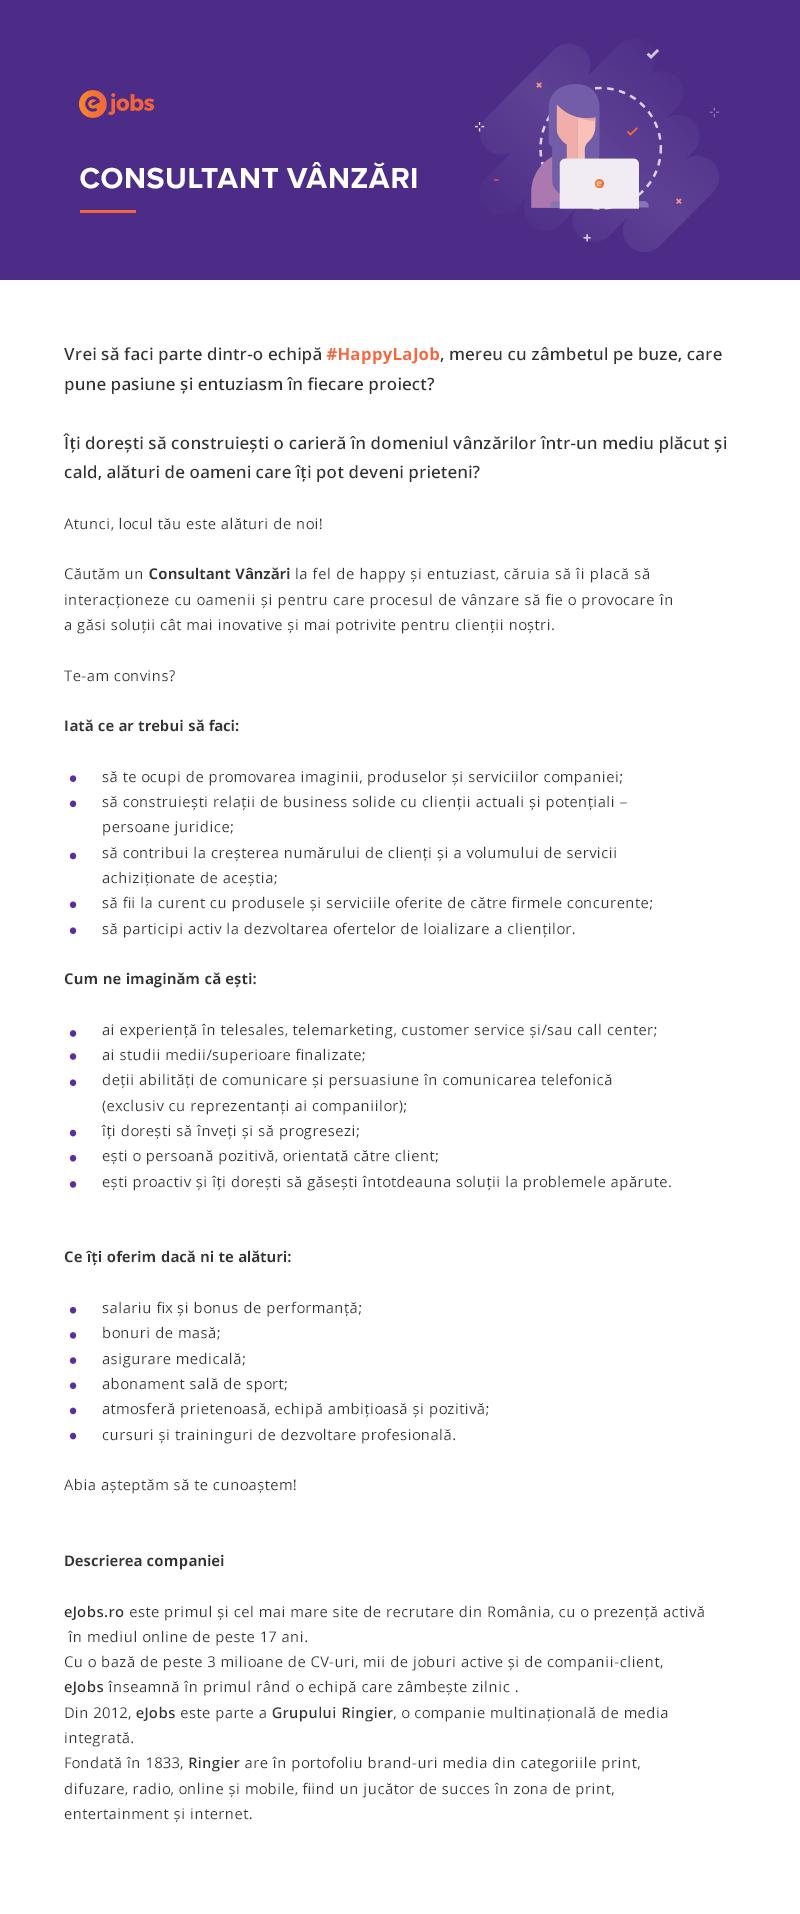 eJobs.ro este primul si cel mai mare site de recrutare din Romania, cu o prezenta activa in mediul online de peste 17 ani. Cu o baza de peste 3 milioane de CV-uri, mii de joburi active si de companii-client, eJobs inseamna in primul rand o echipa care zambeste zilnic :). Din 2012, eJobs este parte a Grupului Ringier. Ringier este o companie multinationala de media integrata. Fondata in 1833, Ringier are in portofoliu brand-uri media din categoriile print, difuzare, radio, online şi mobile, fiind un jucator de succes in zona de print, entertainment si internet. Ringier este o afacere elvetiana de familie, cu sediul general in Zurich.